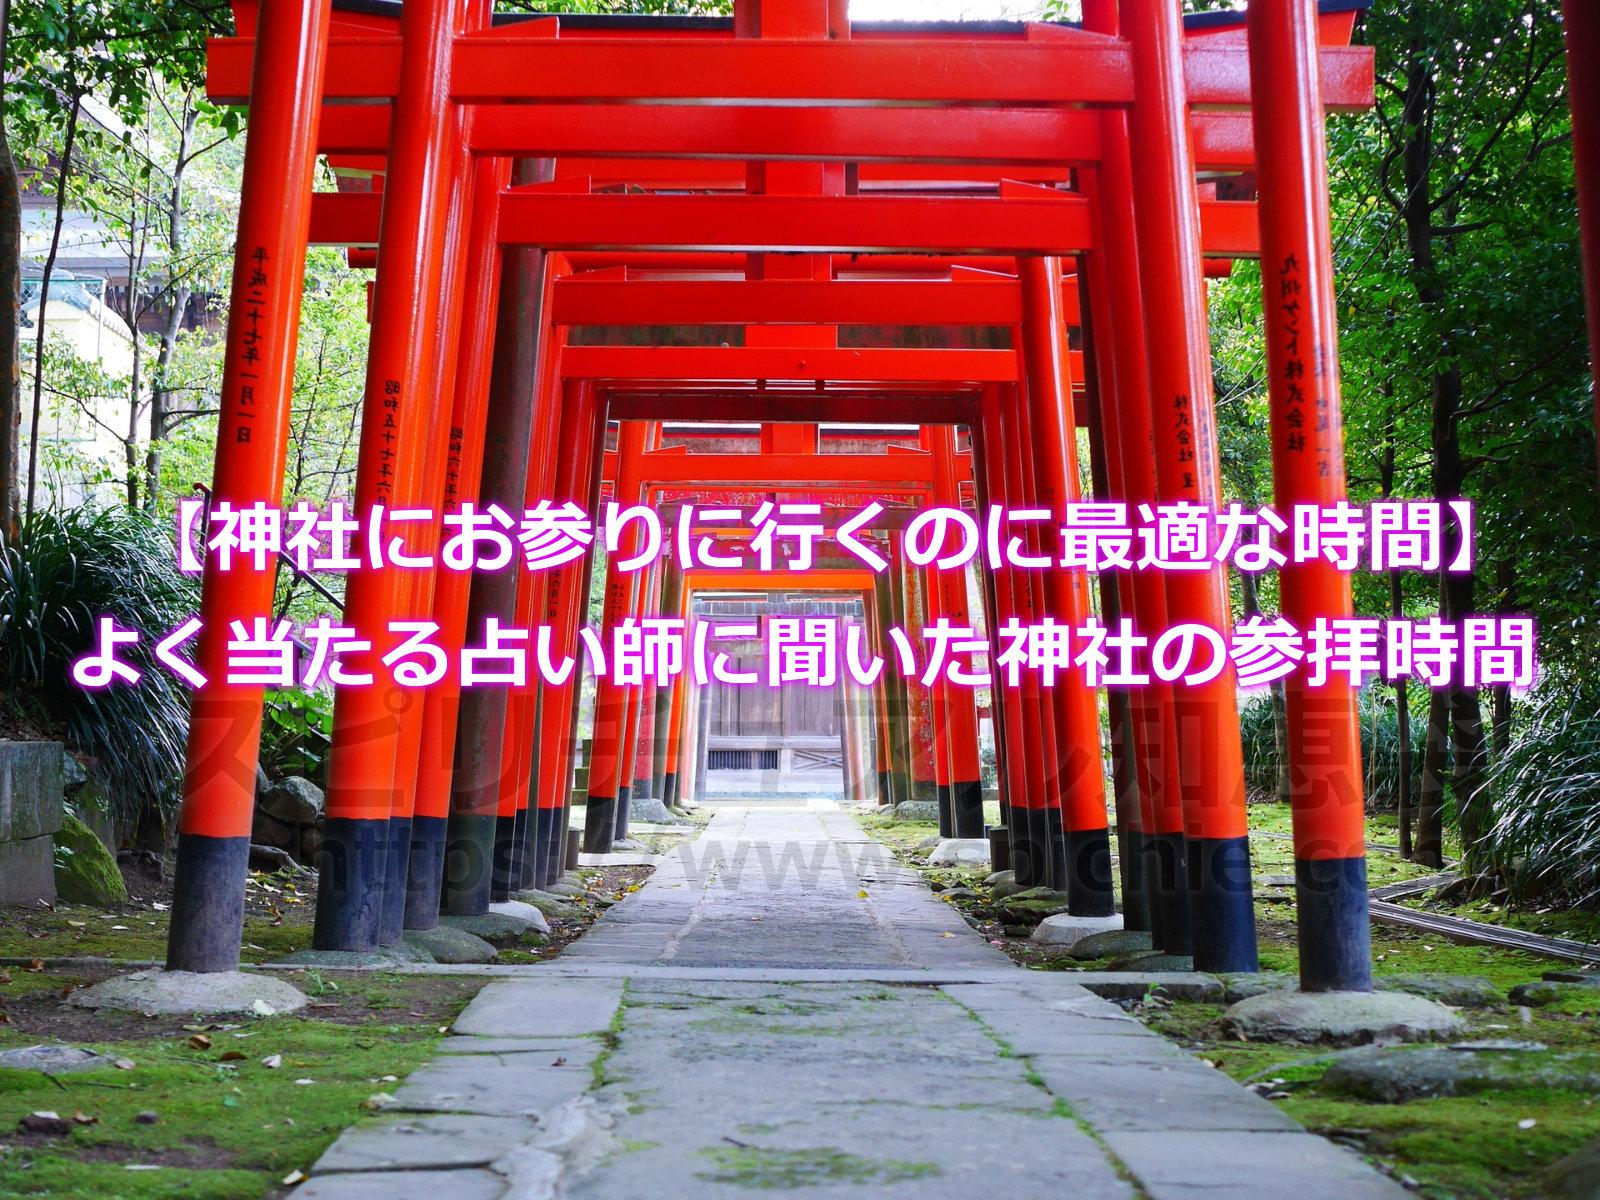 【神社とお寺の参拝時間】早朝の参拝がおすすめで夜は神様がいないって本当?【完全保存版】のアイキャッチ画像